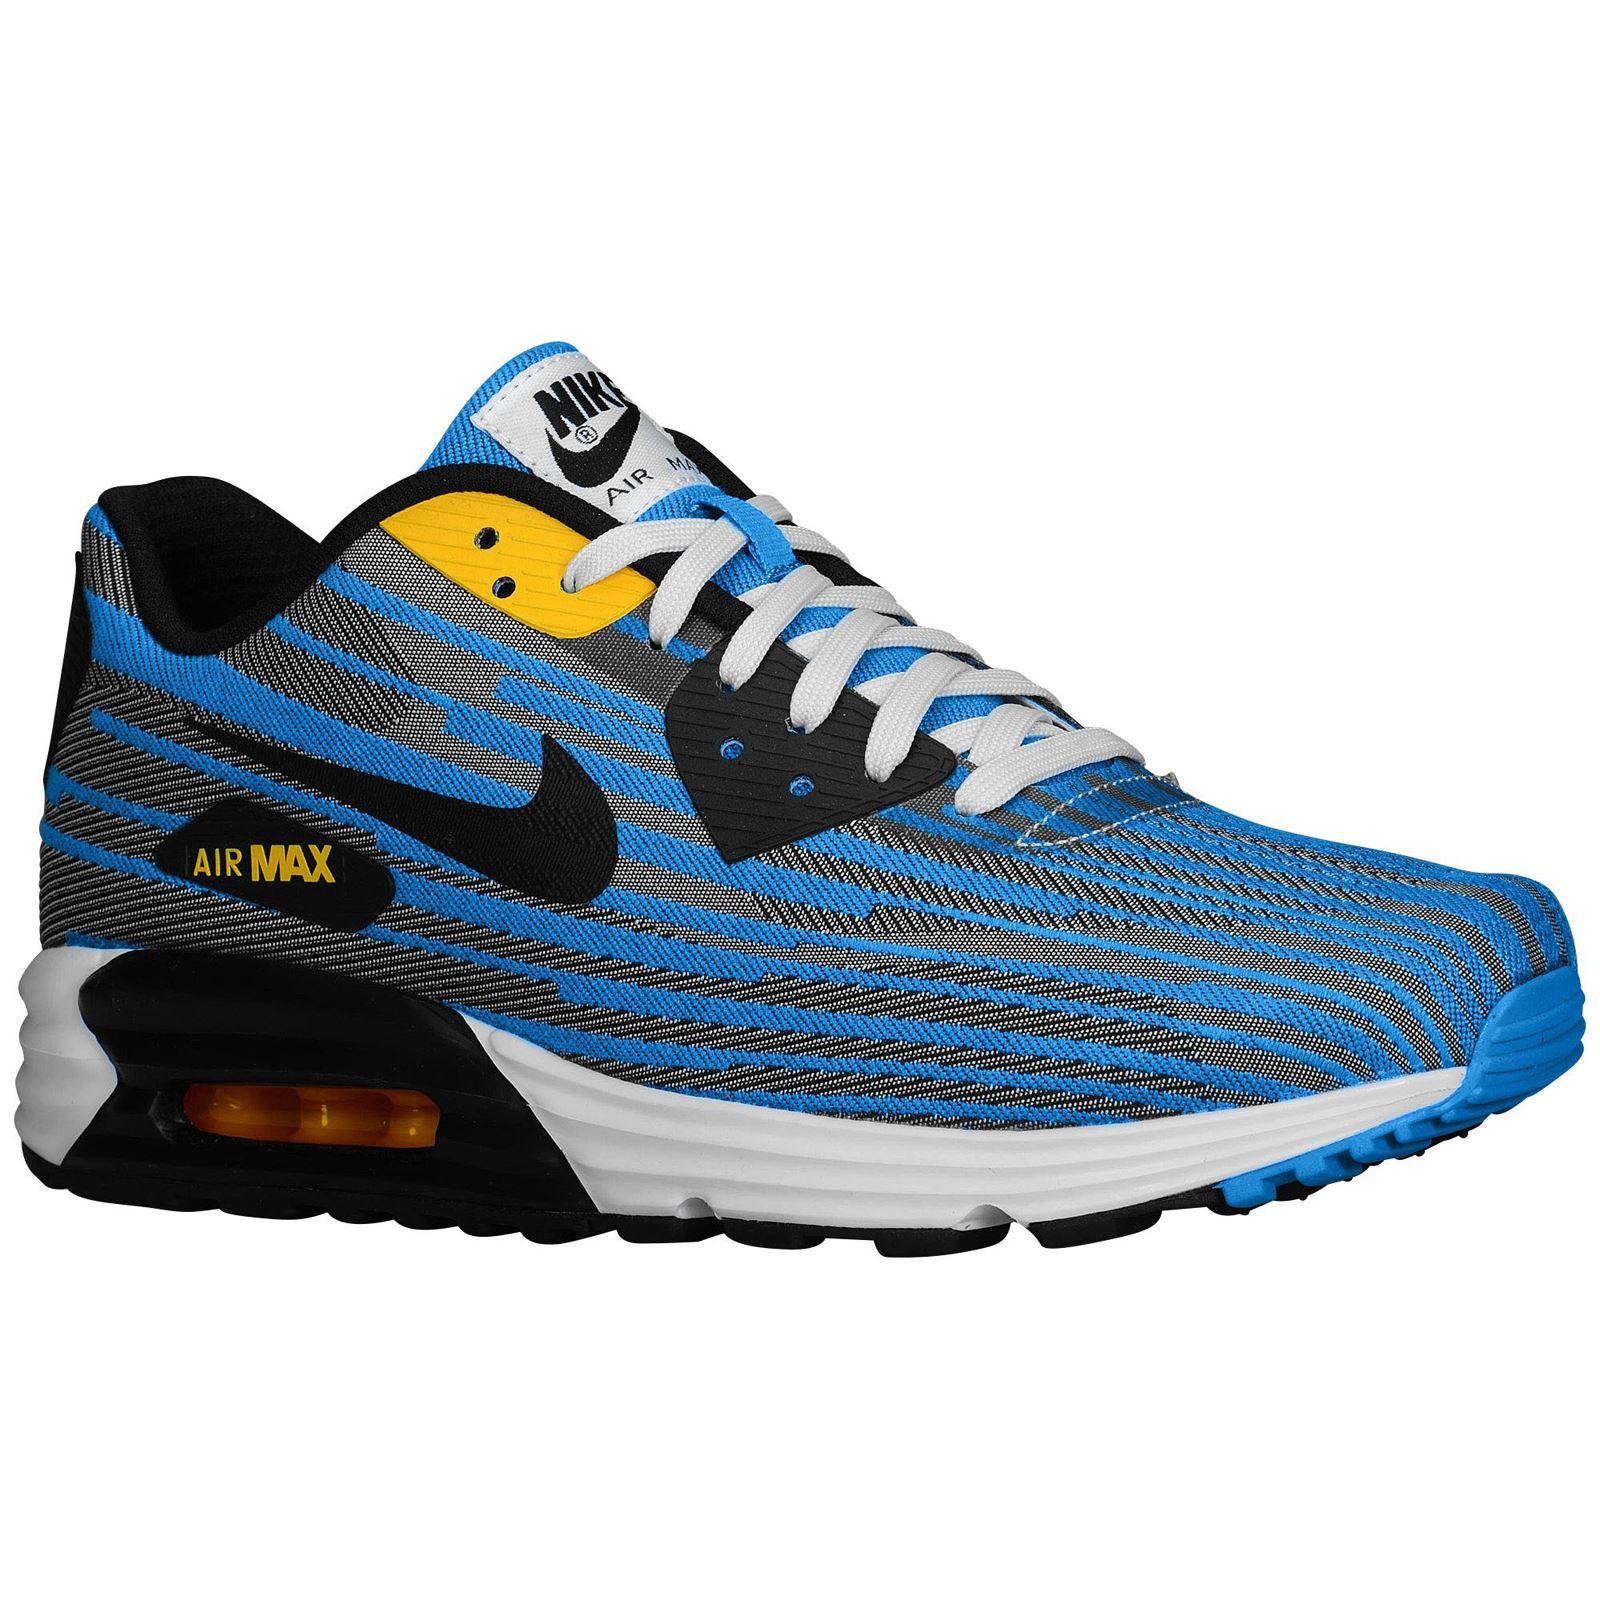 Nike Air Max 97 Jacquard Ebay